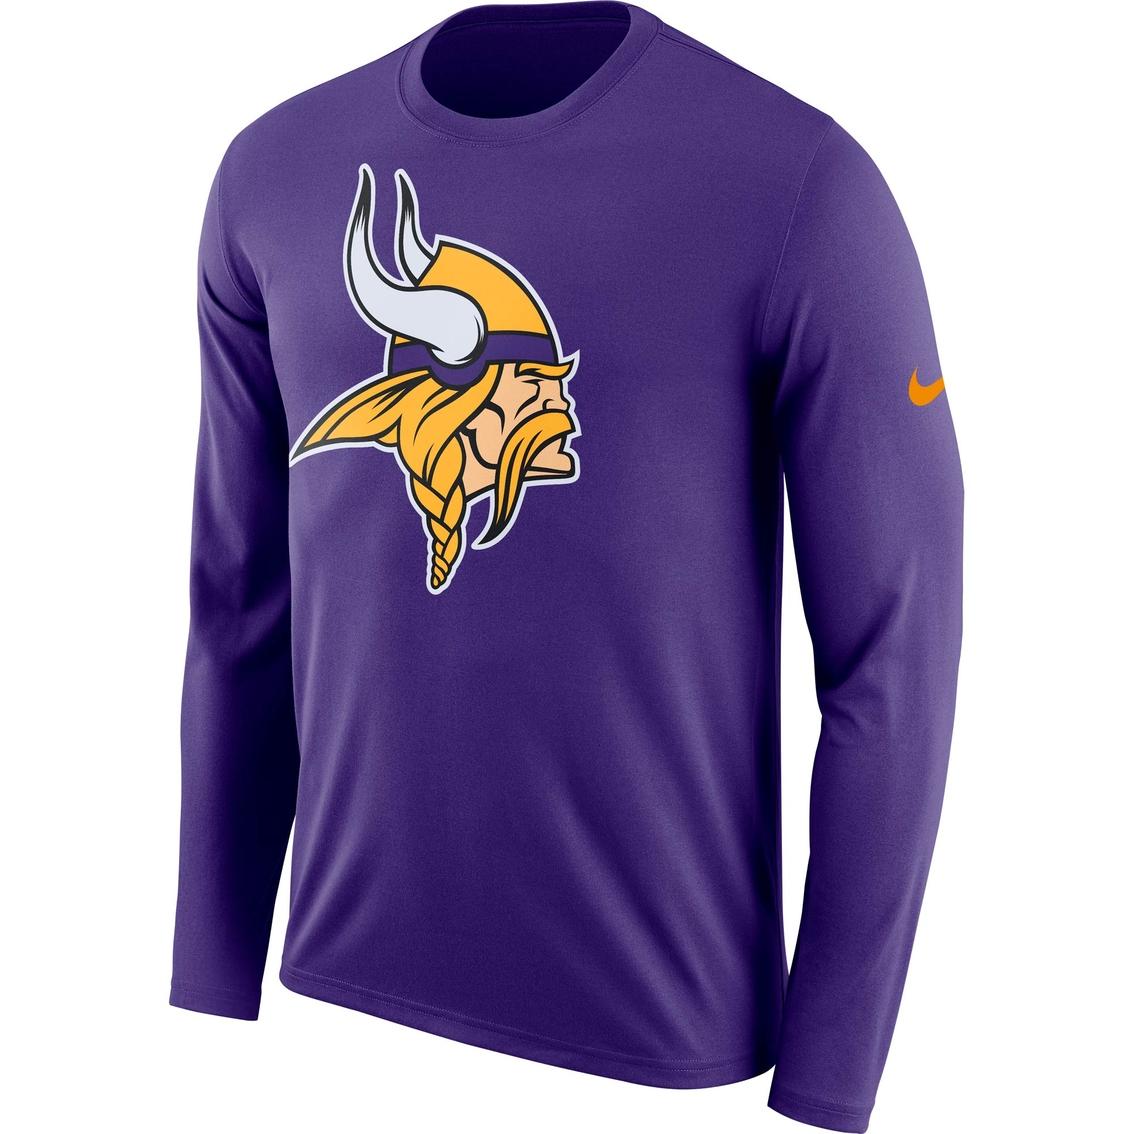 71227a05 Nike Nfl Minnesota Vikings Logo Tee | Shirts | Apparel | Shop The ...